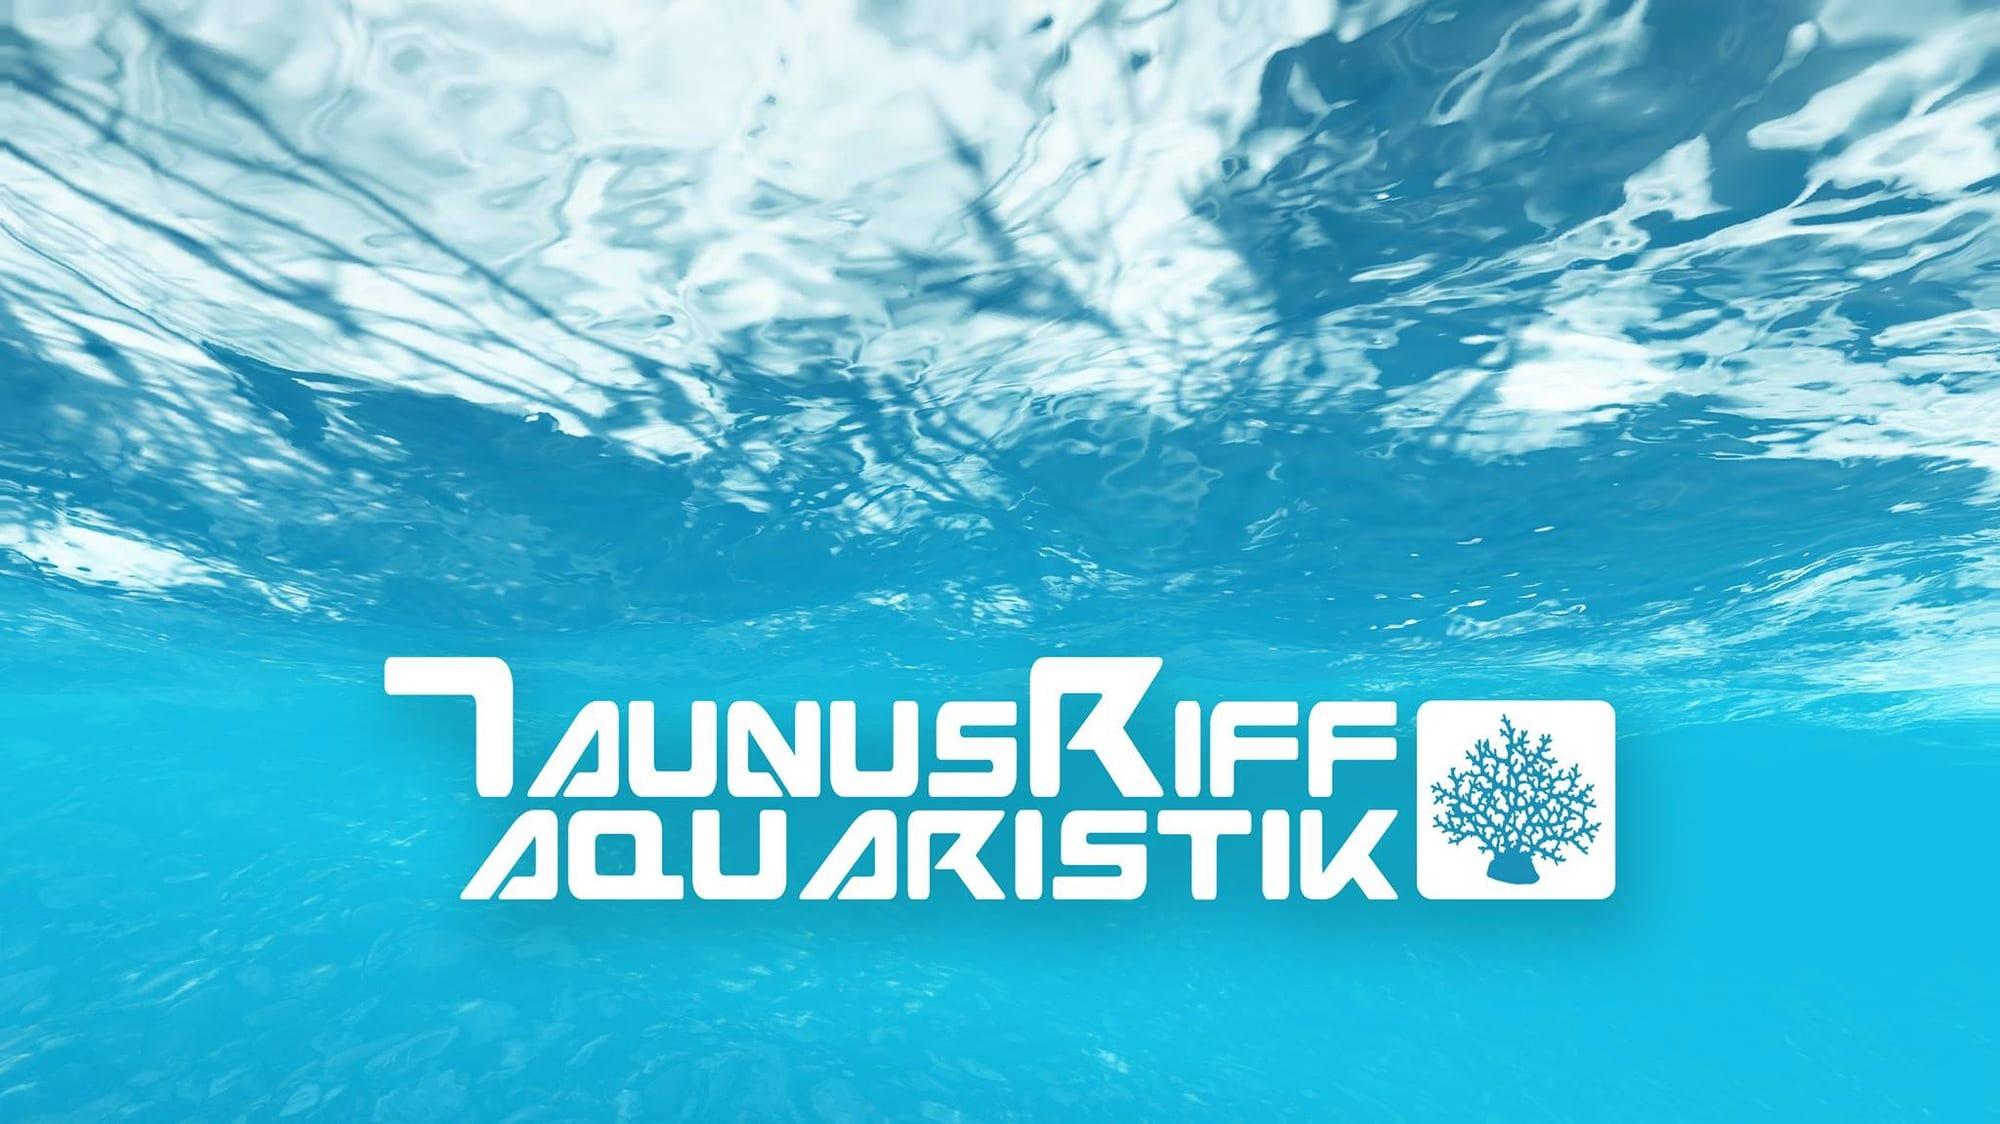 TaunusRiff Aquaristik